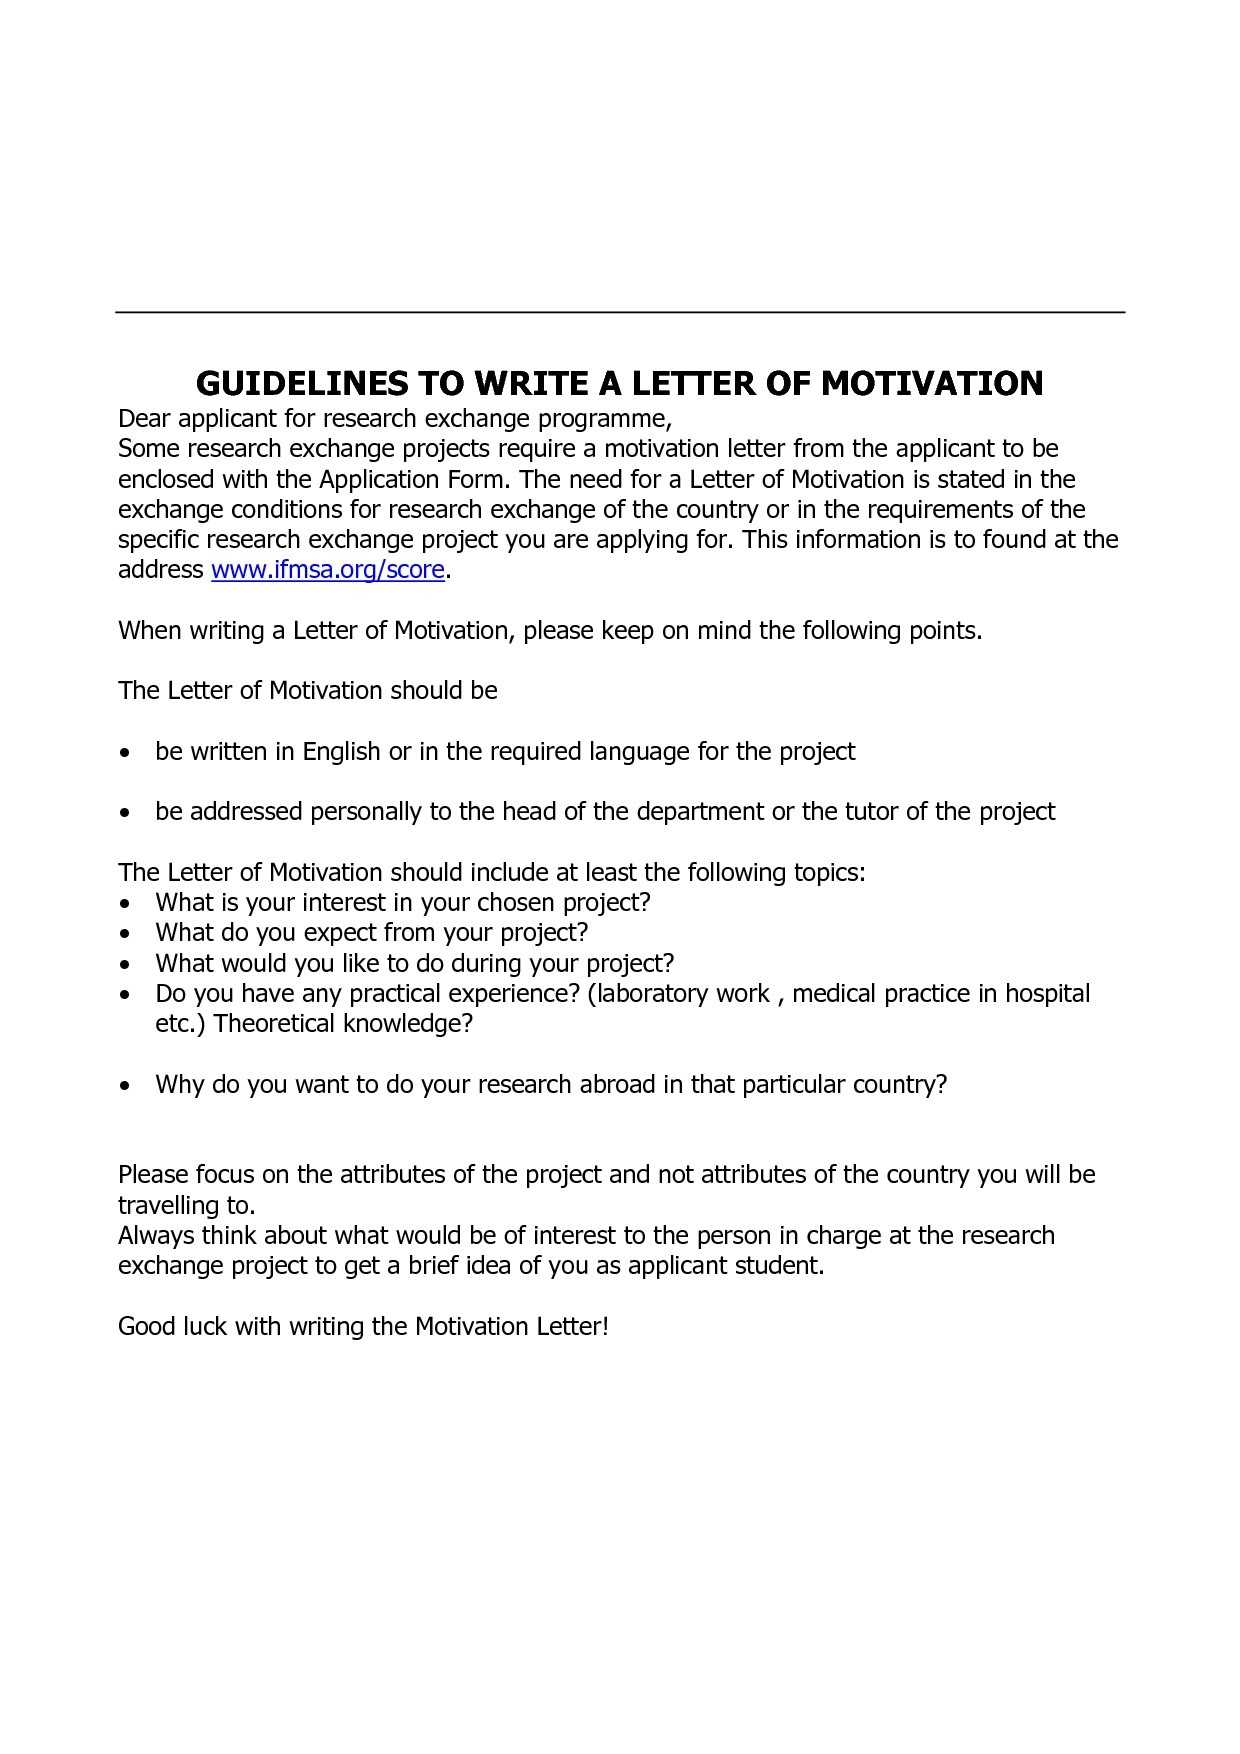 motivation-letter-for-university-exchange-program-new-student-motivation-letter-bond-cleaning-melbourne-of-motivation-letter-for-university-exchange-program